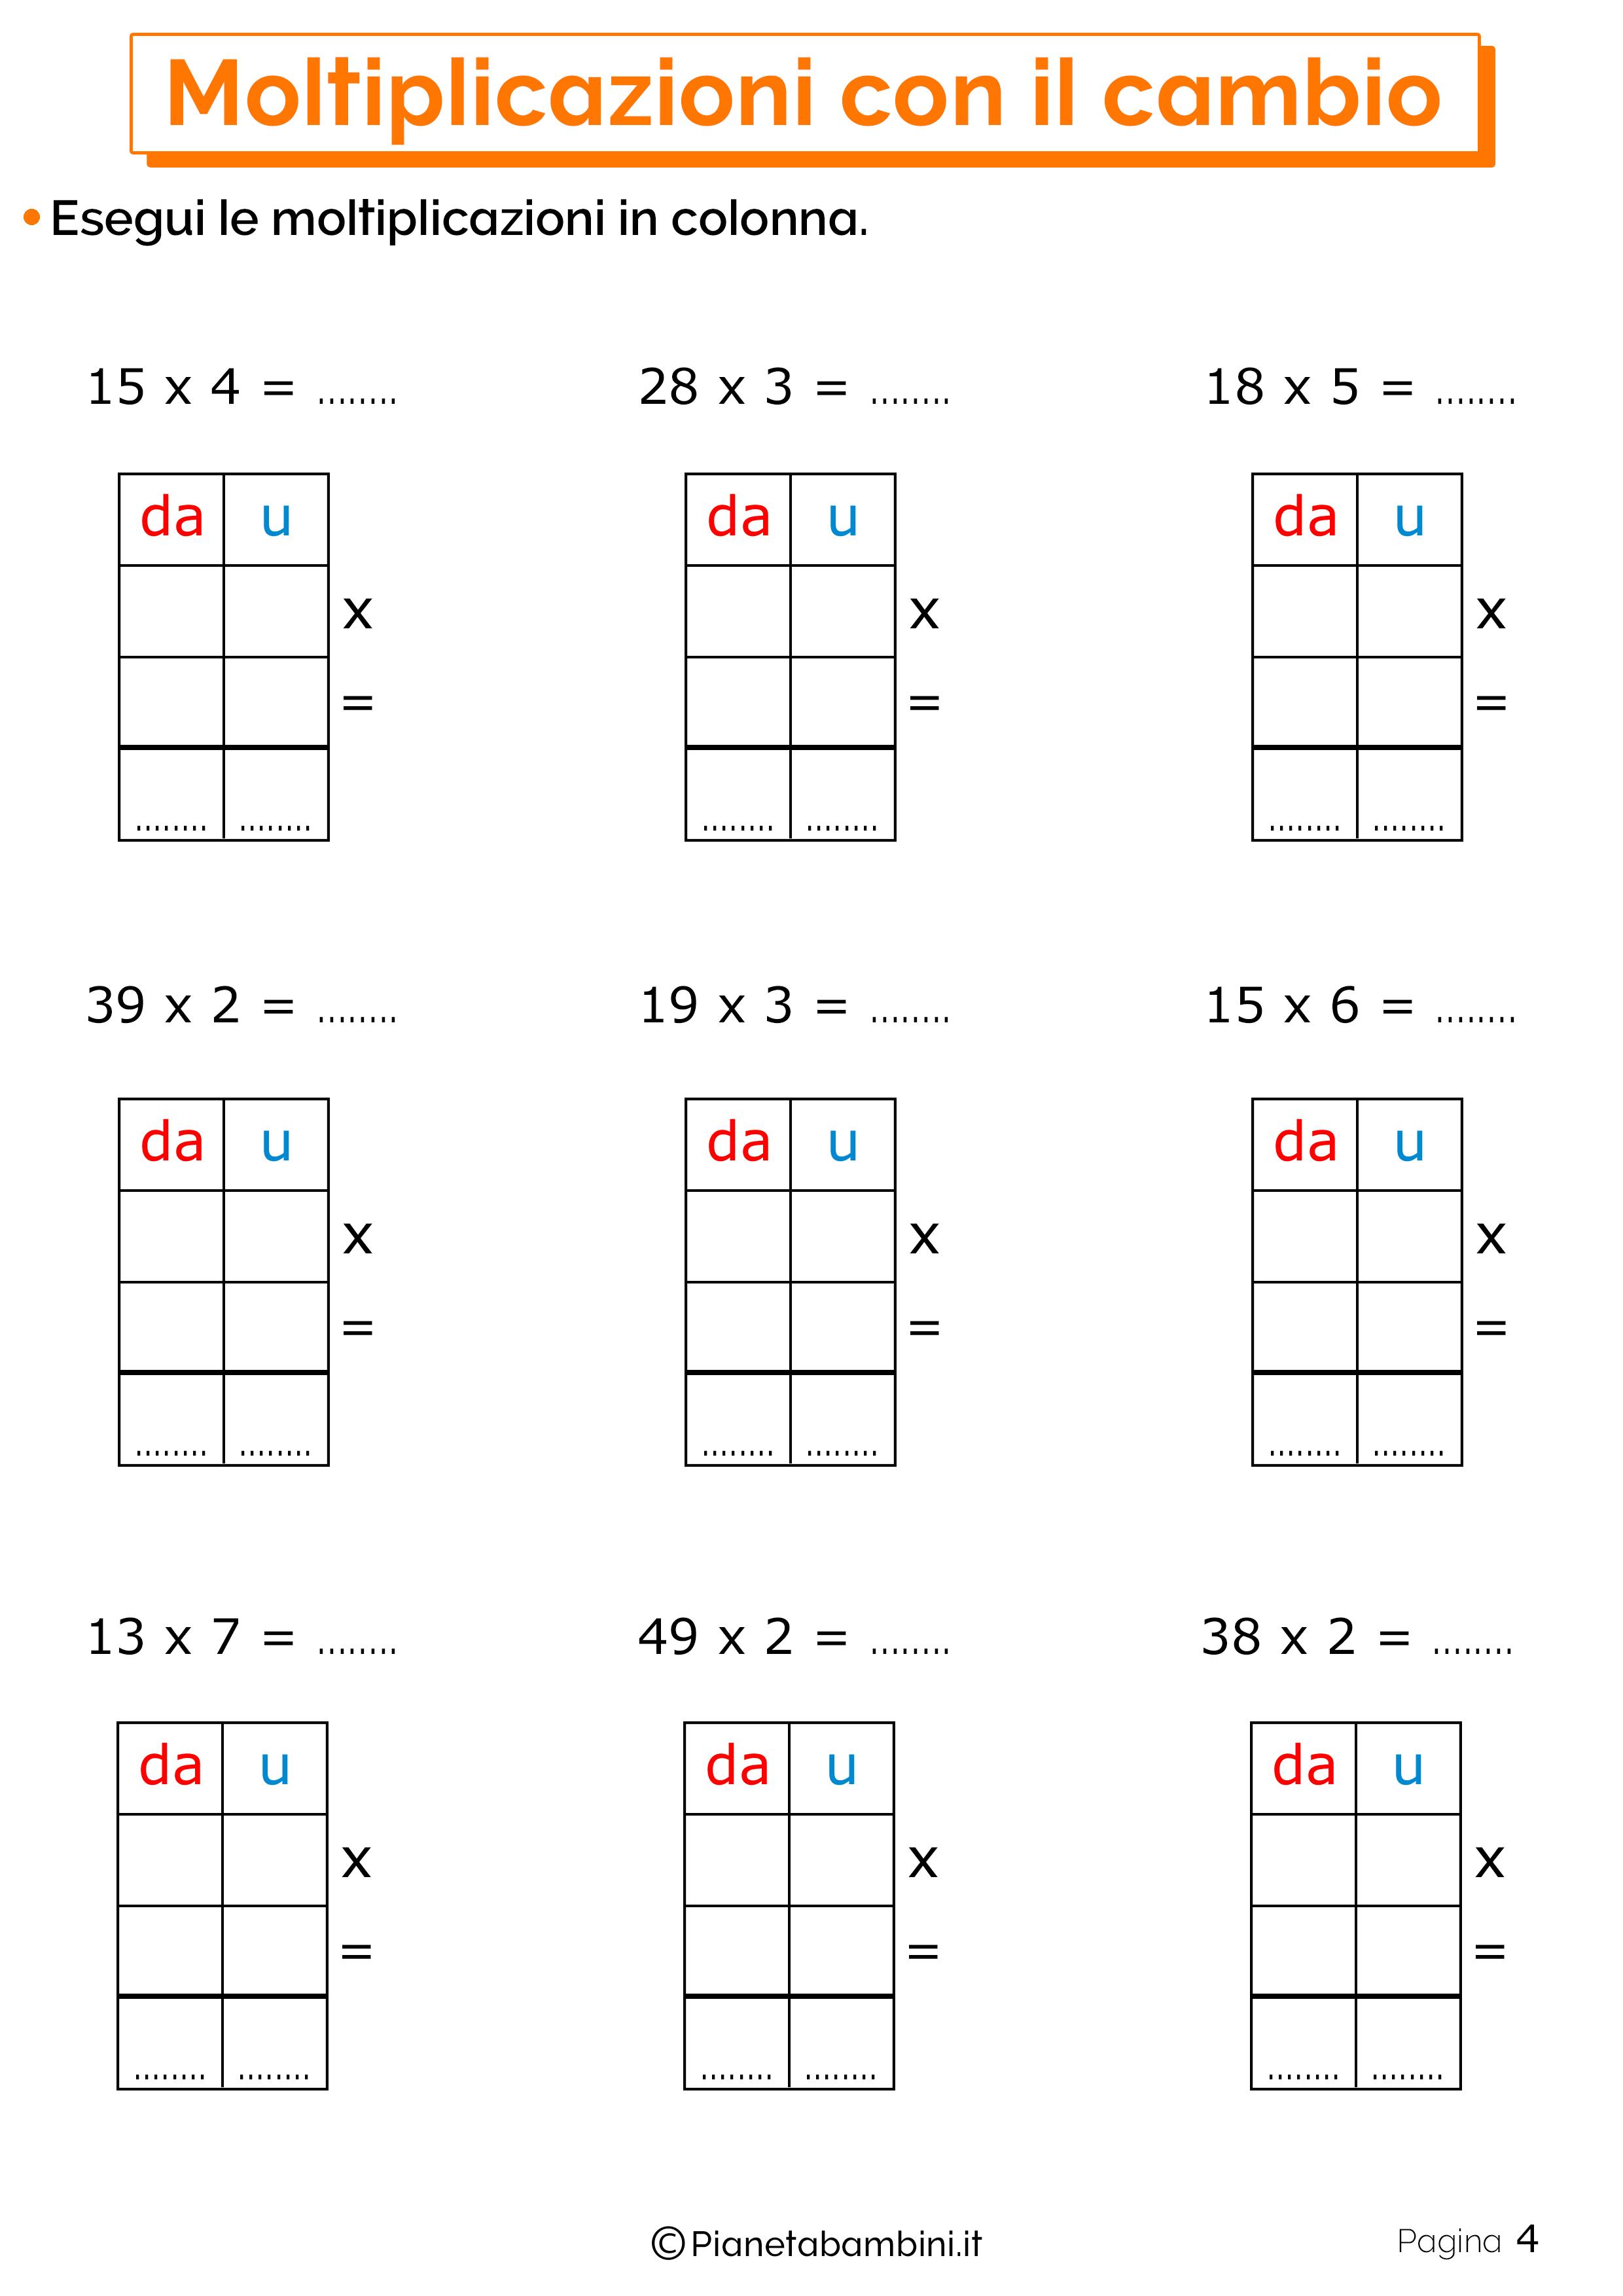 Schede didattiche sulle moltiplicazioni con il cambio 4